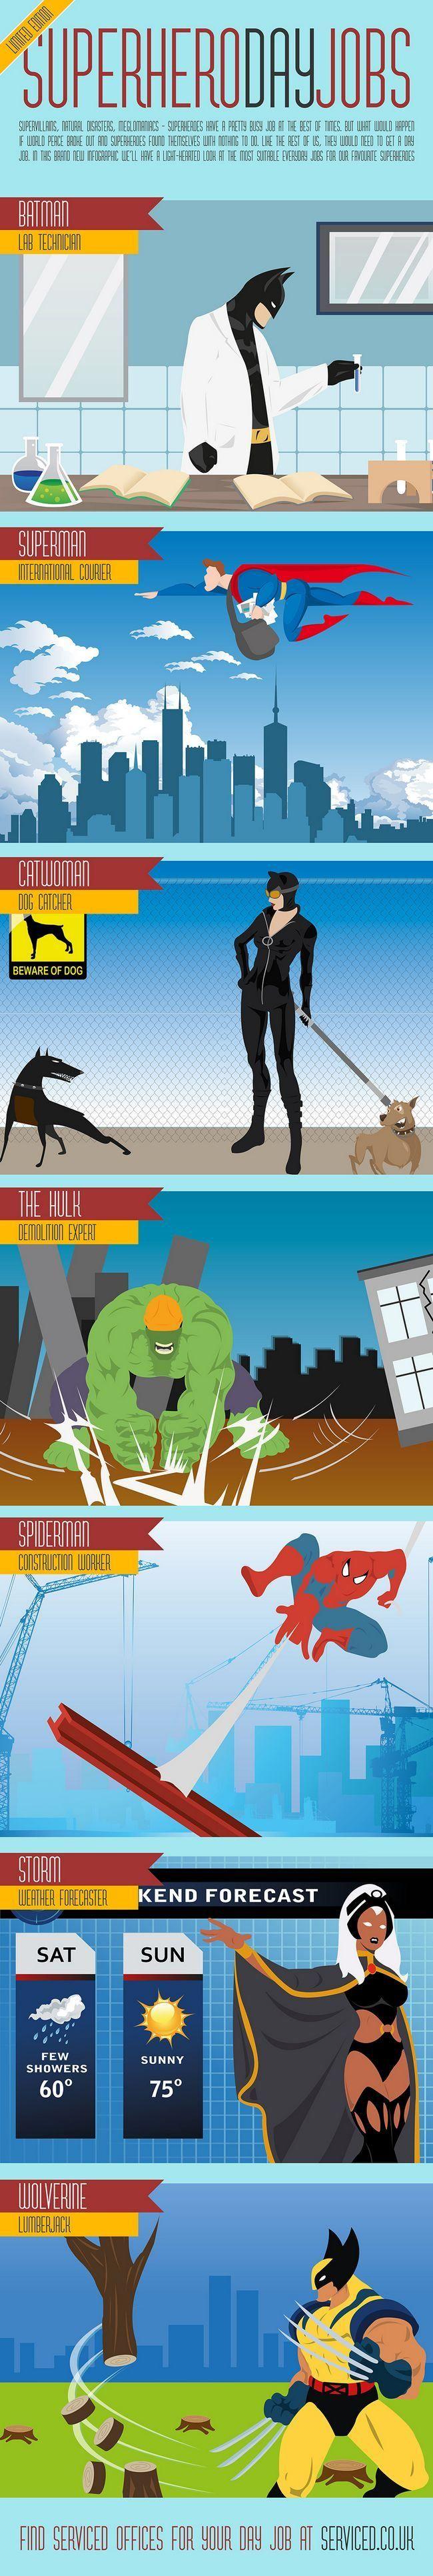 ¿De qué trabajarían los Superhéroes si la paz reinara en el mundo? #Humor